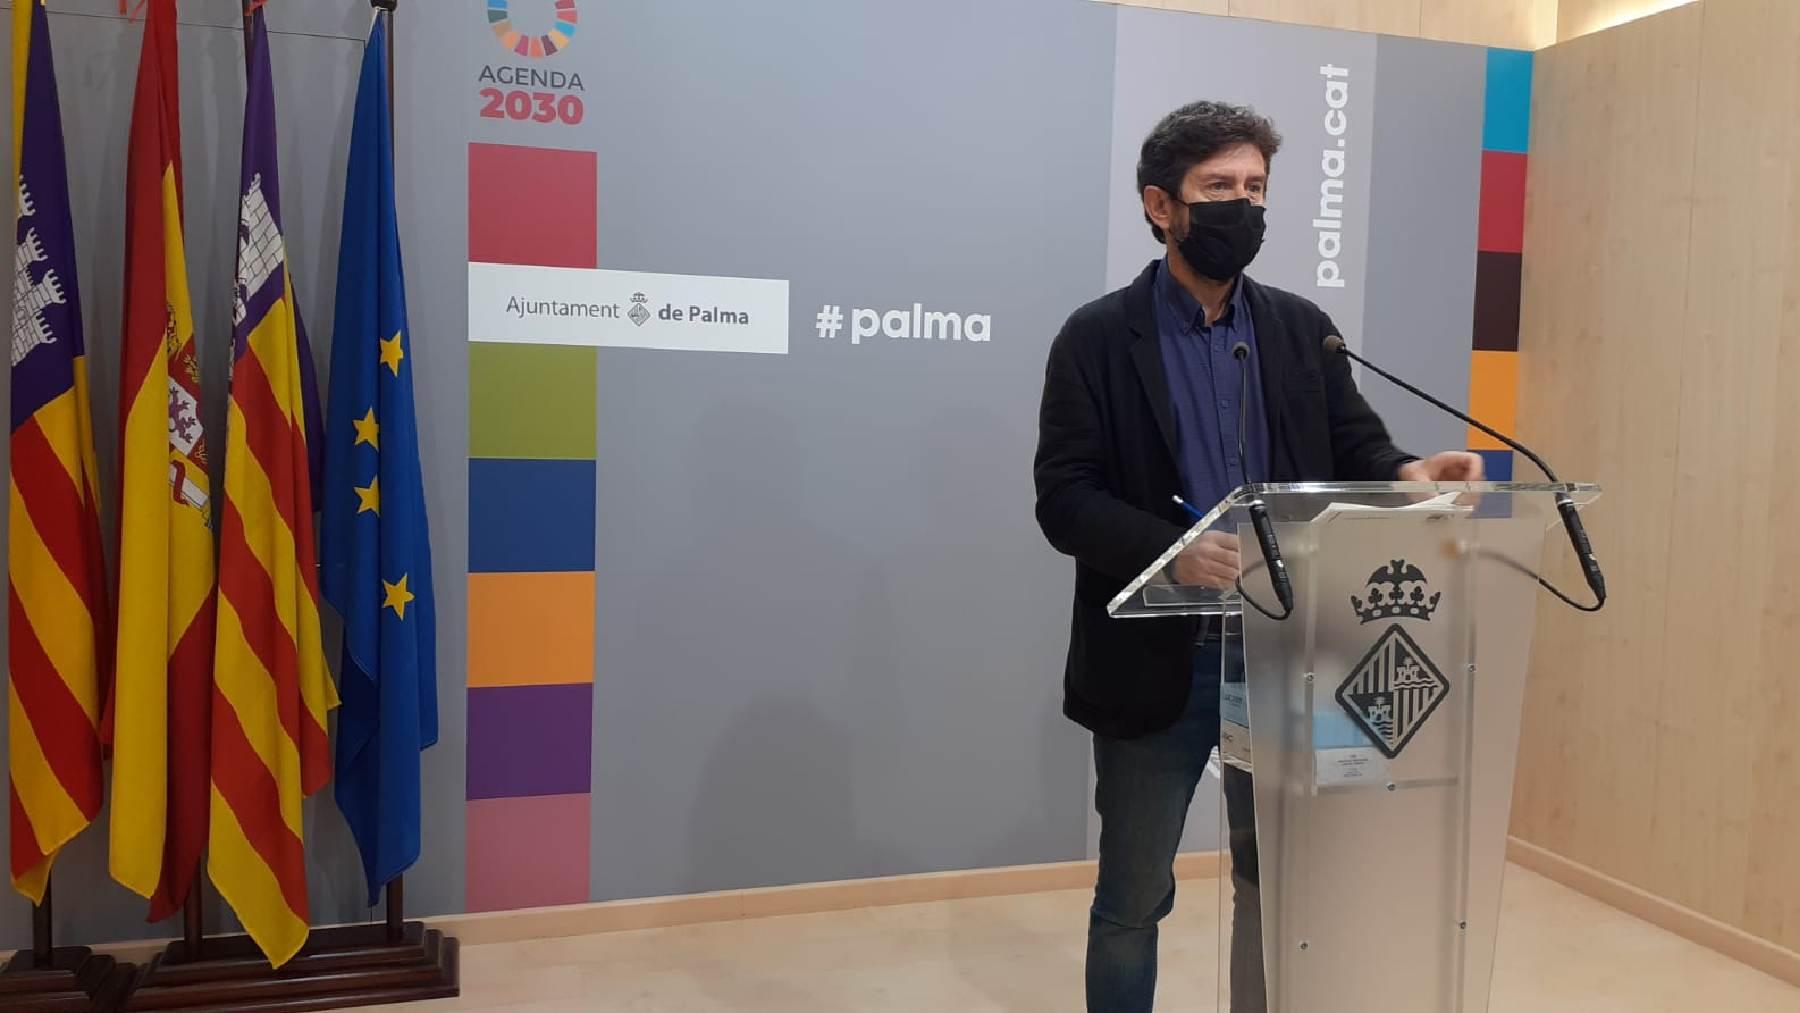 El portavoz del Ayuntamiento de Palma, Alberto Jarabo (Unidas Podemos).